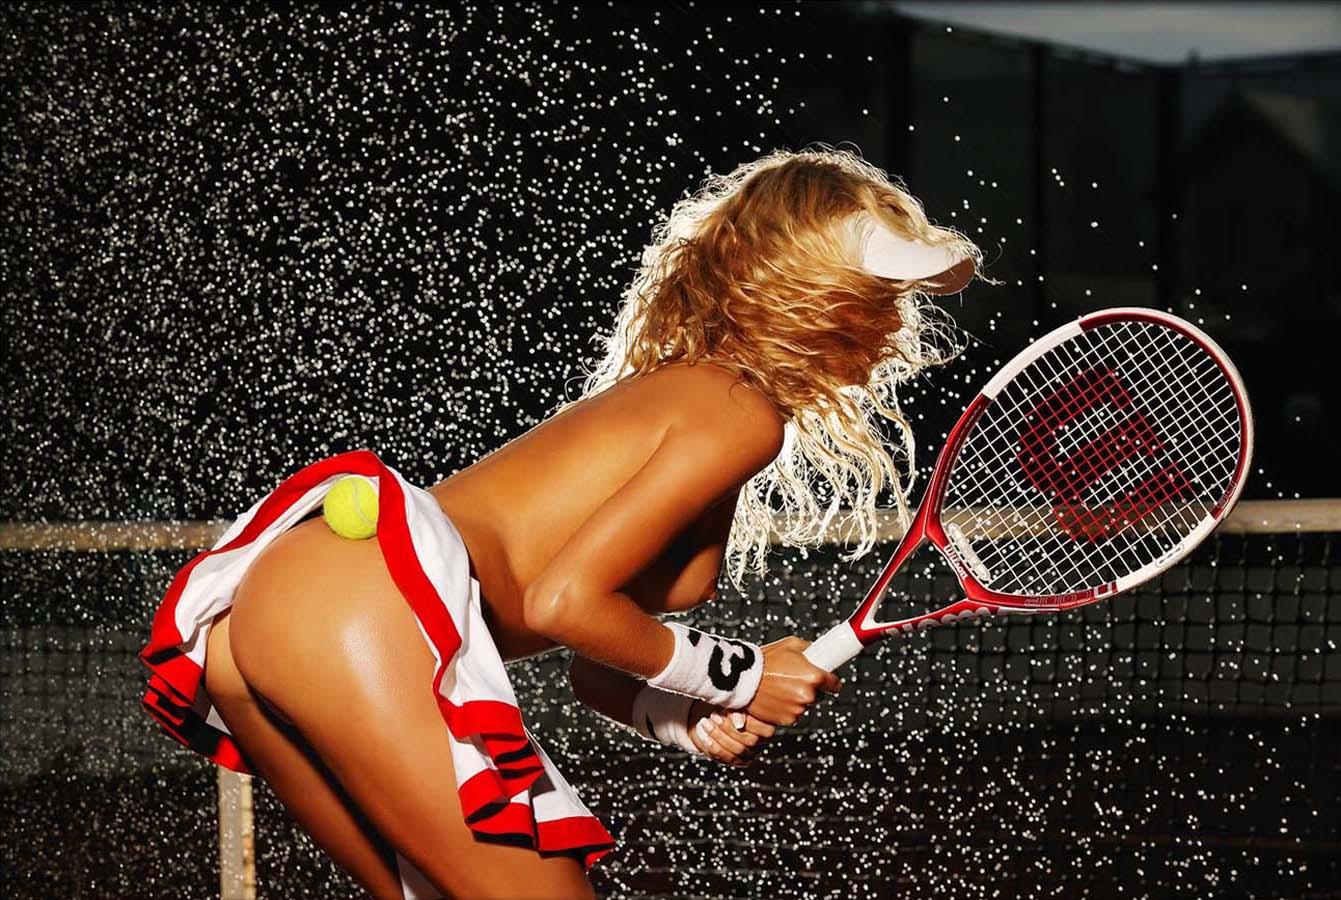 Теннис. 2006 г.  100х150 см, бумага на дибонде, глянцевая    (в наличии).